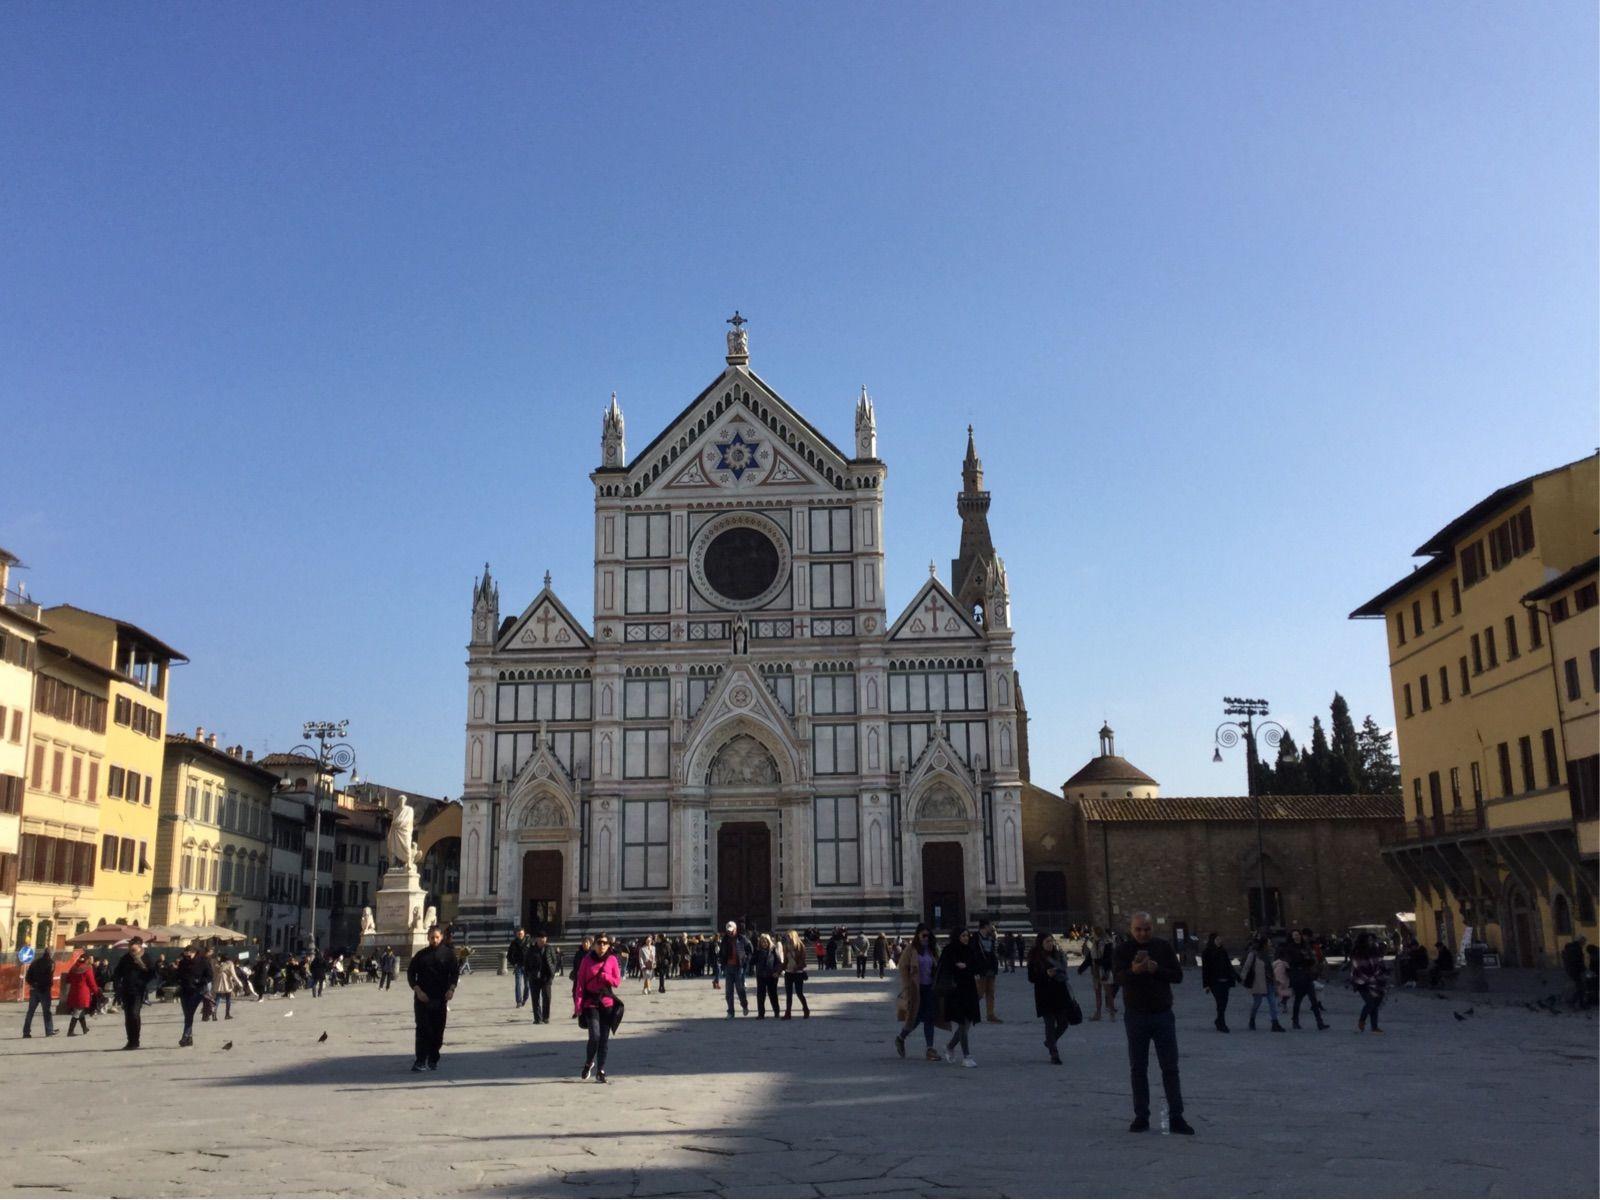 再游意大利之五 佛罗伦萨第二天